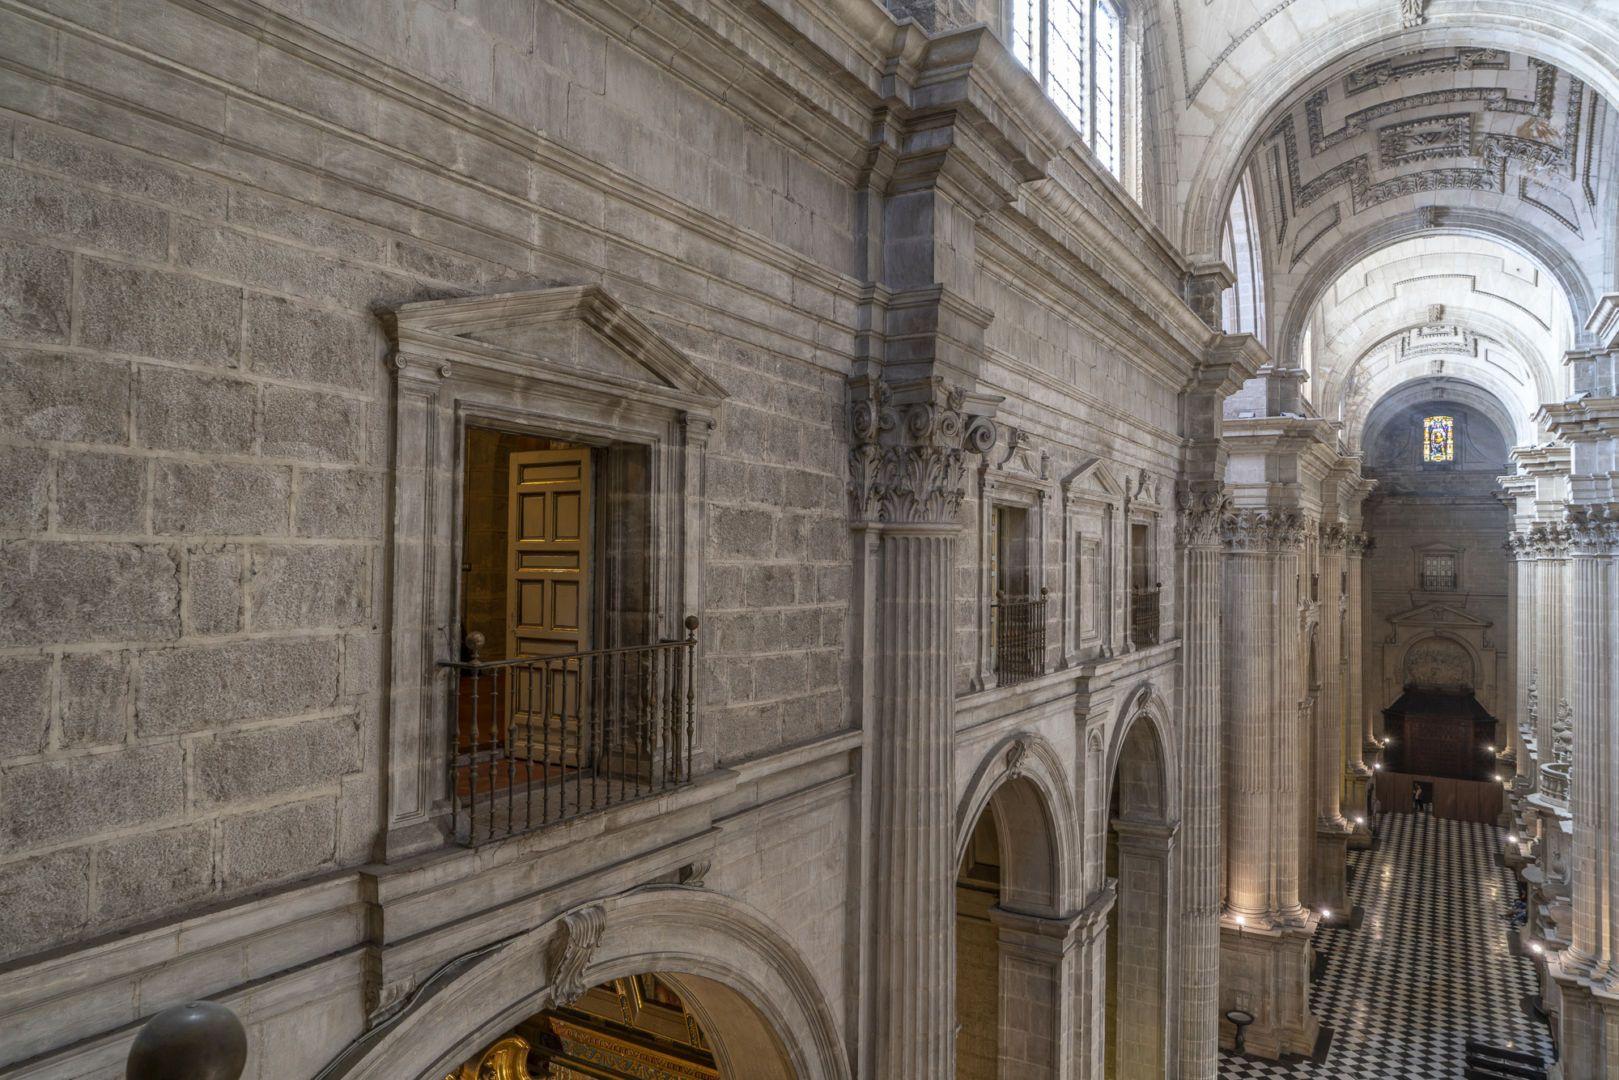 GaleriasSuperiores-CatedralJaen-9